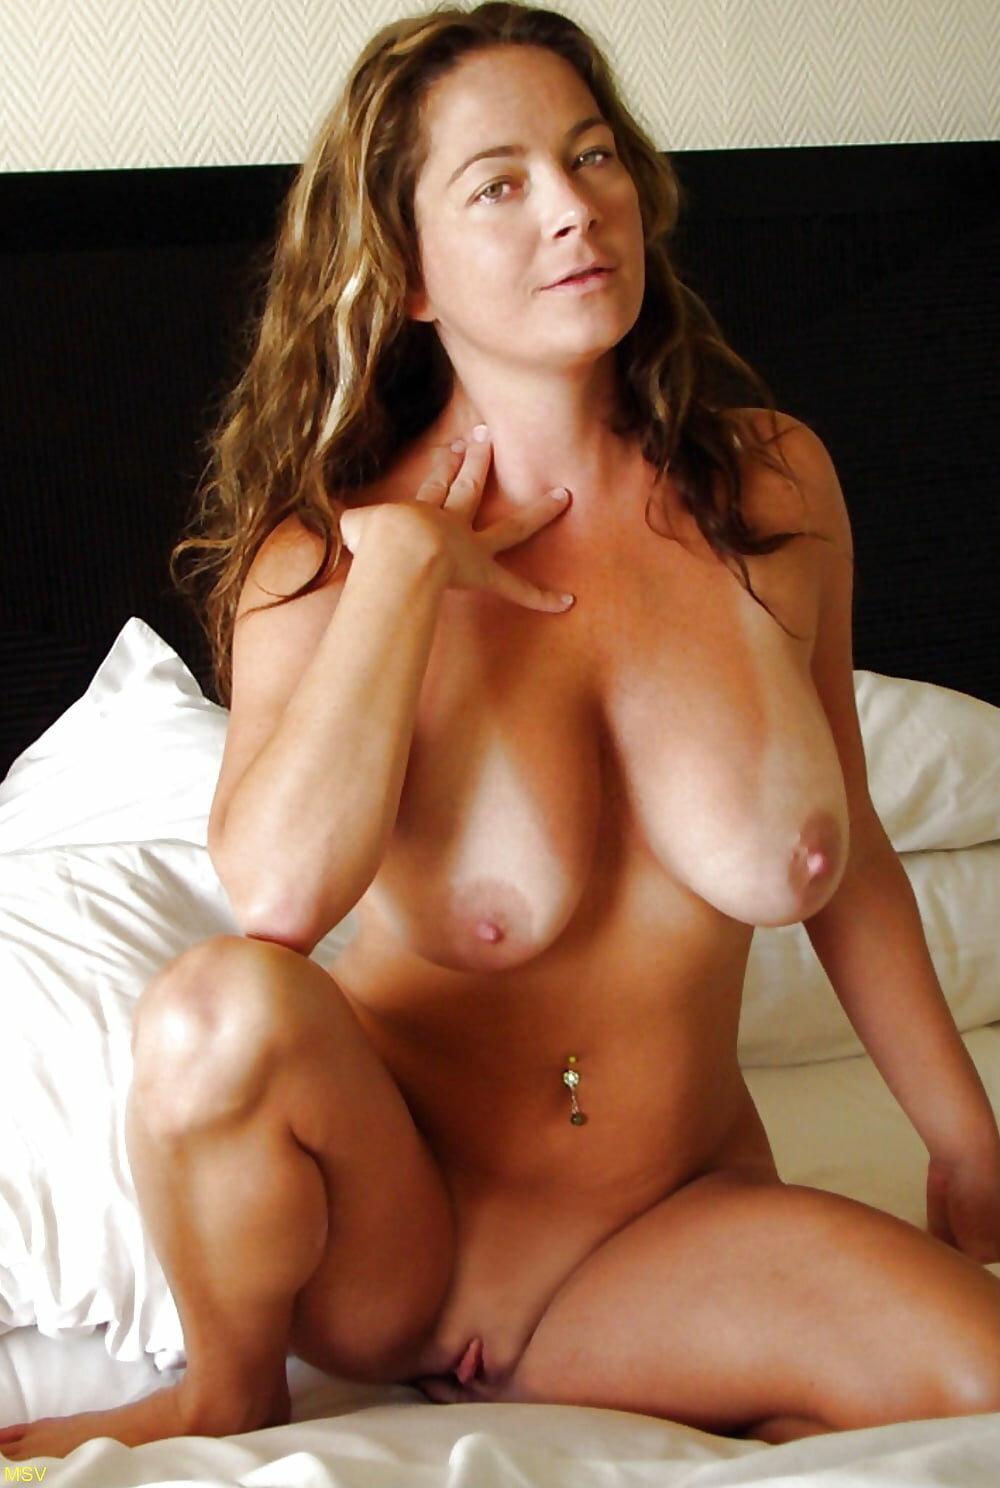 Busty Nude Amateurs